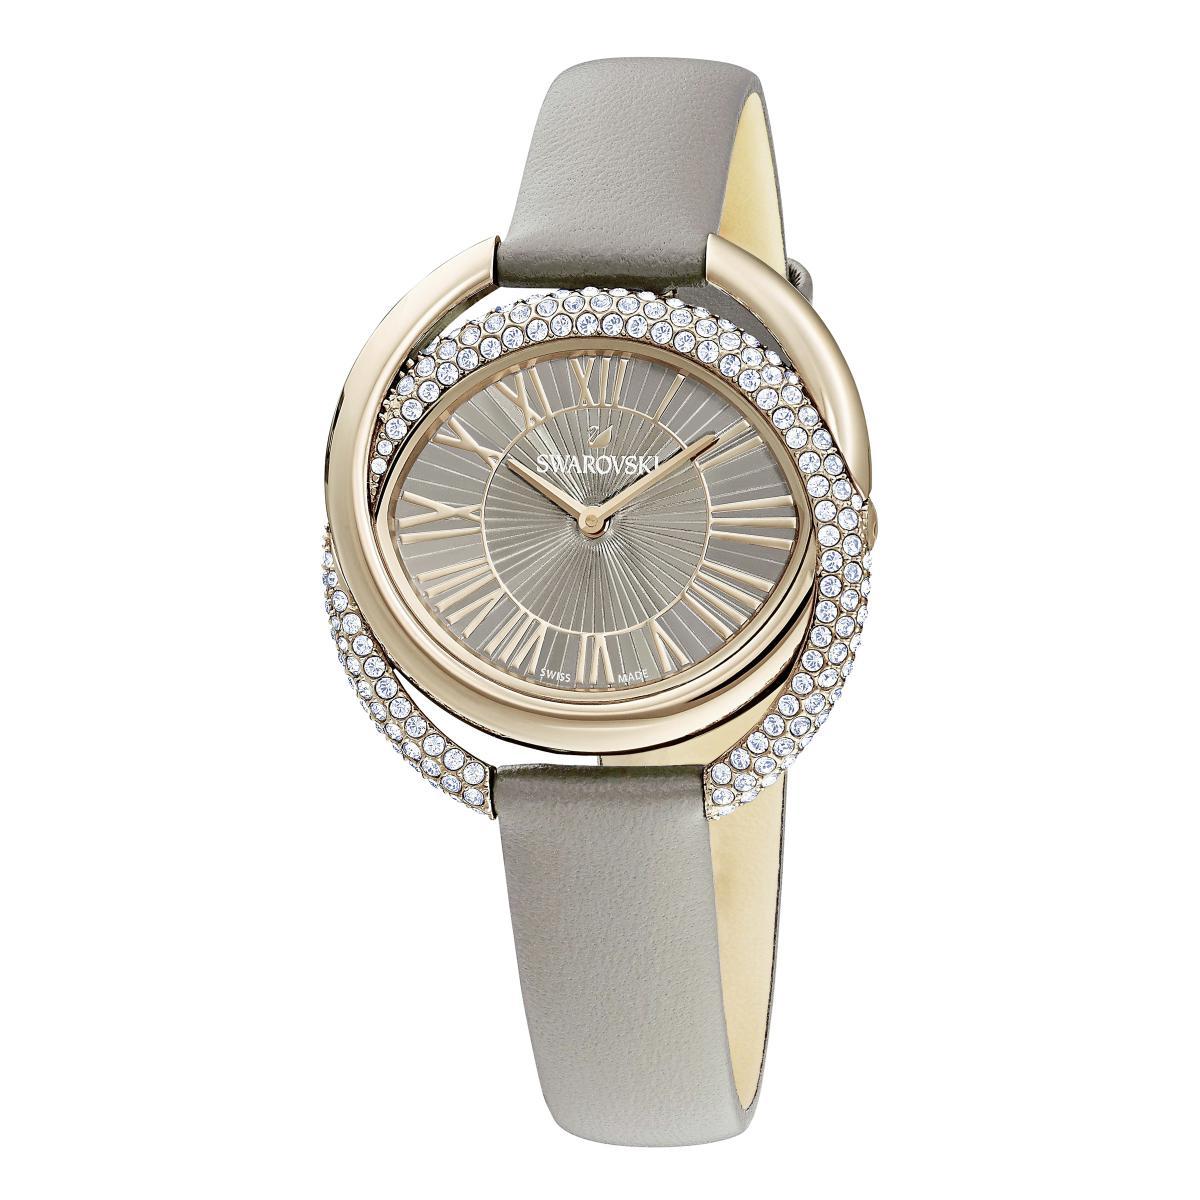 Montre Swarovski 5484382 - DUO Bracelet Cuir De Veau Boîtier Acier Anneaux Entremêlés Cristaux Sertis Micro-Pavé - Swarovski montres - Modalova